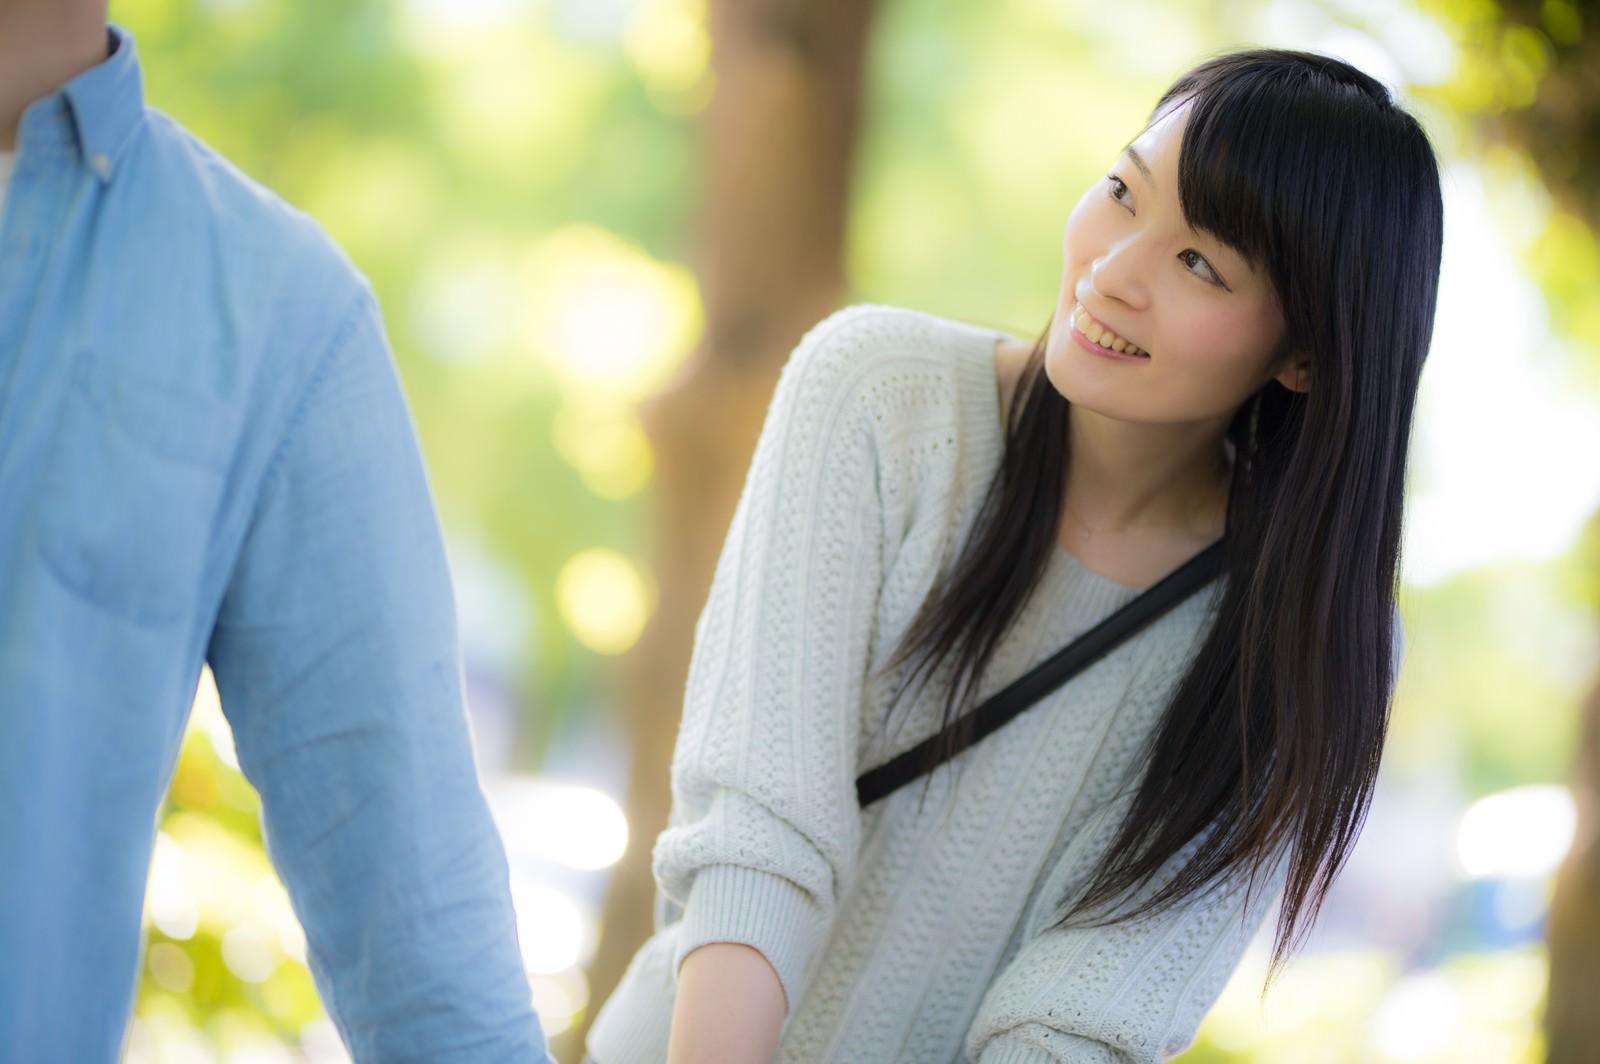 「彼氏の顔色をうかがう付き合いたての女性彼氏の顔色をうかがう付き合いたての女性」[モデル:たけべともこ]のフリー写真素材を拡大